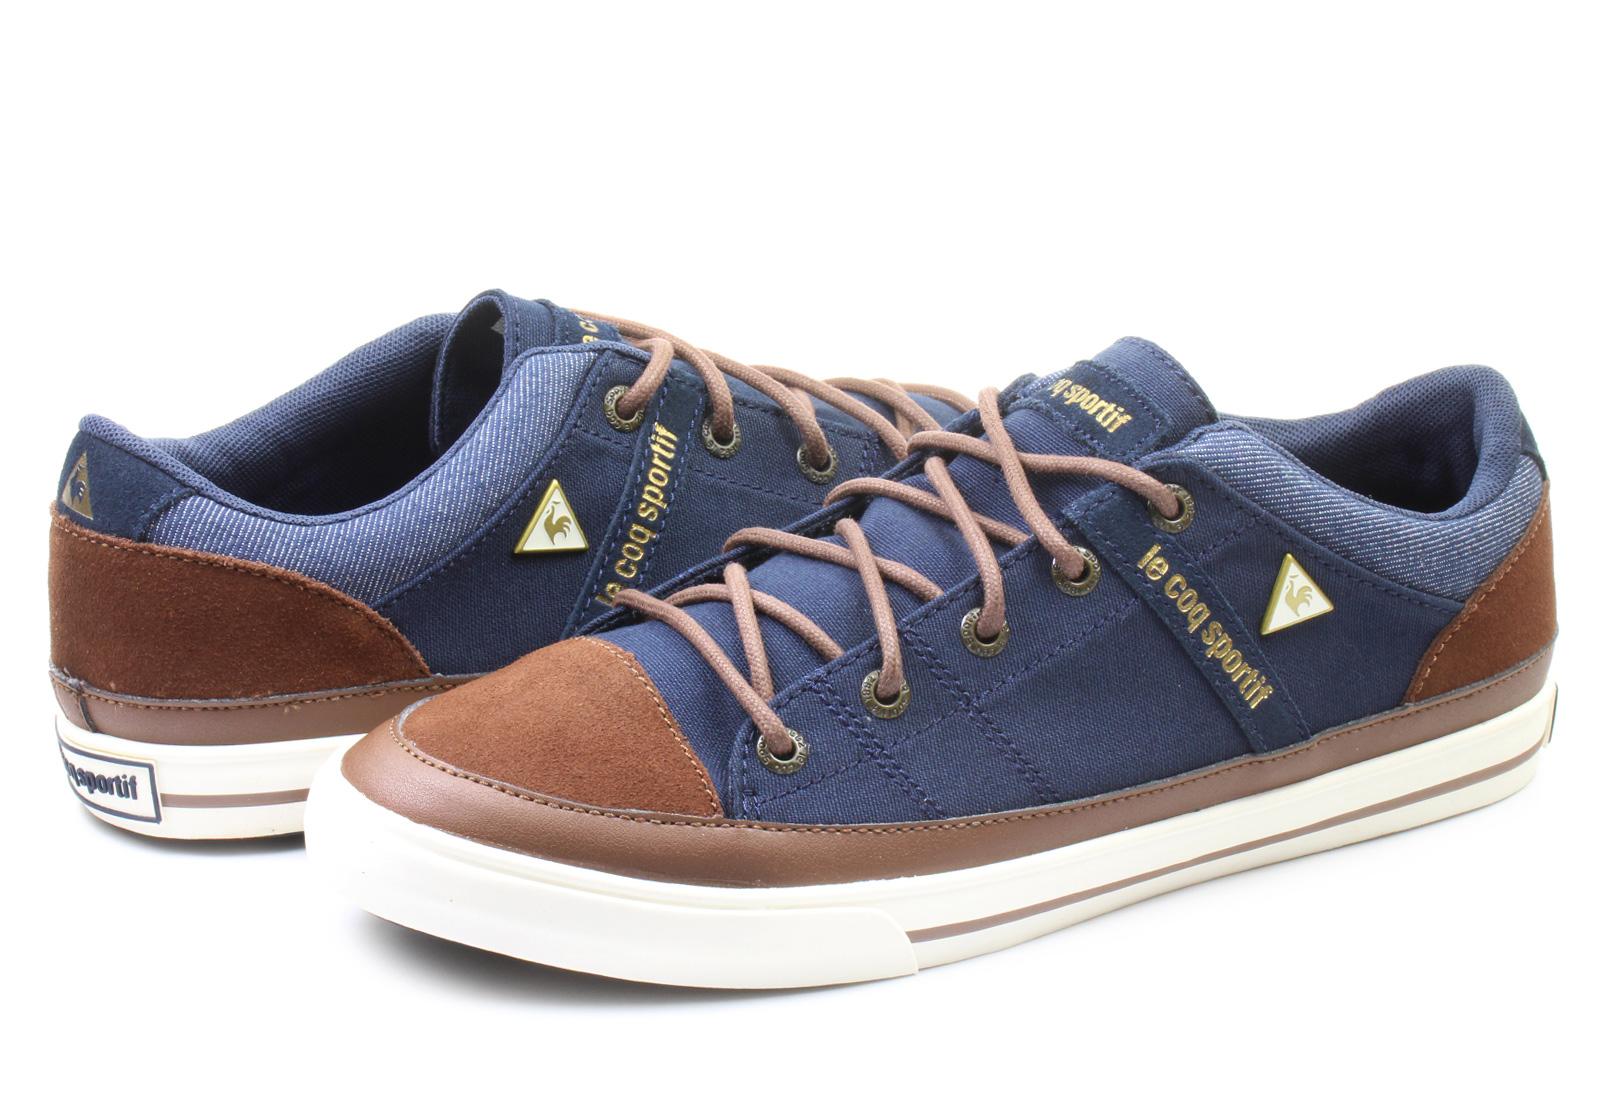 Le Coq Sportif Shoes Online Shop